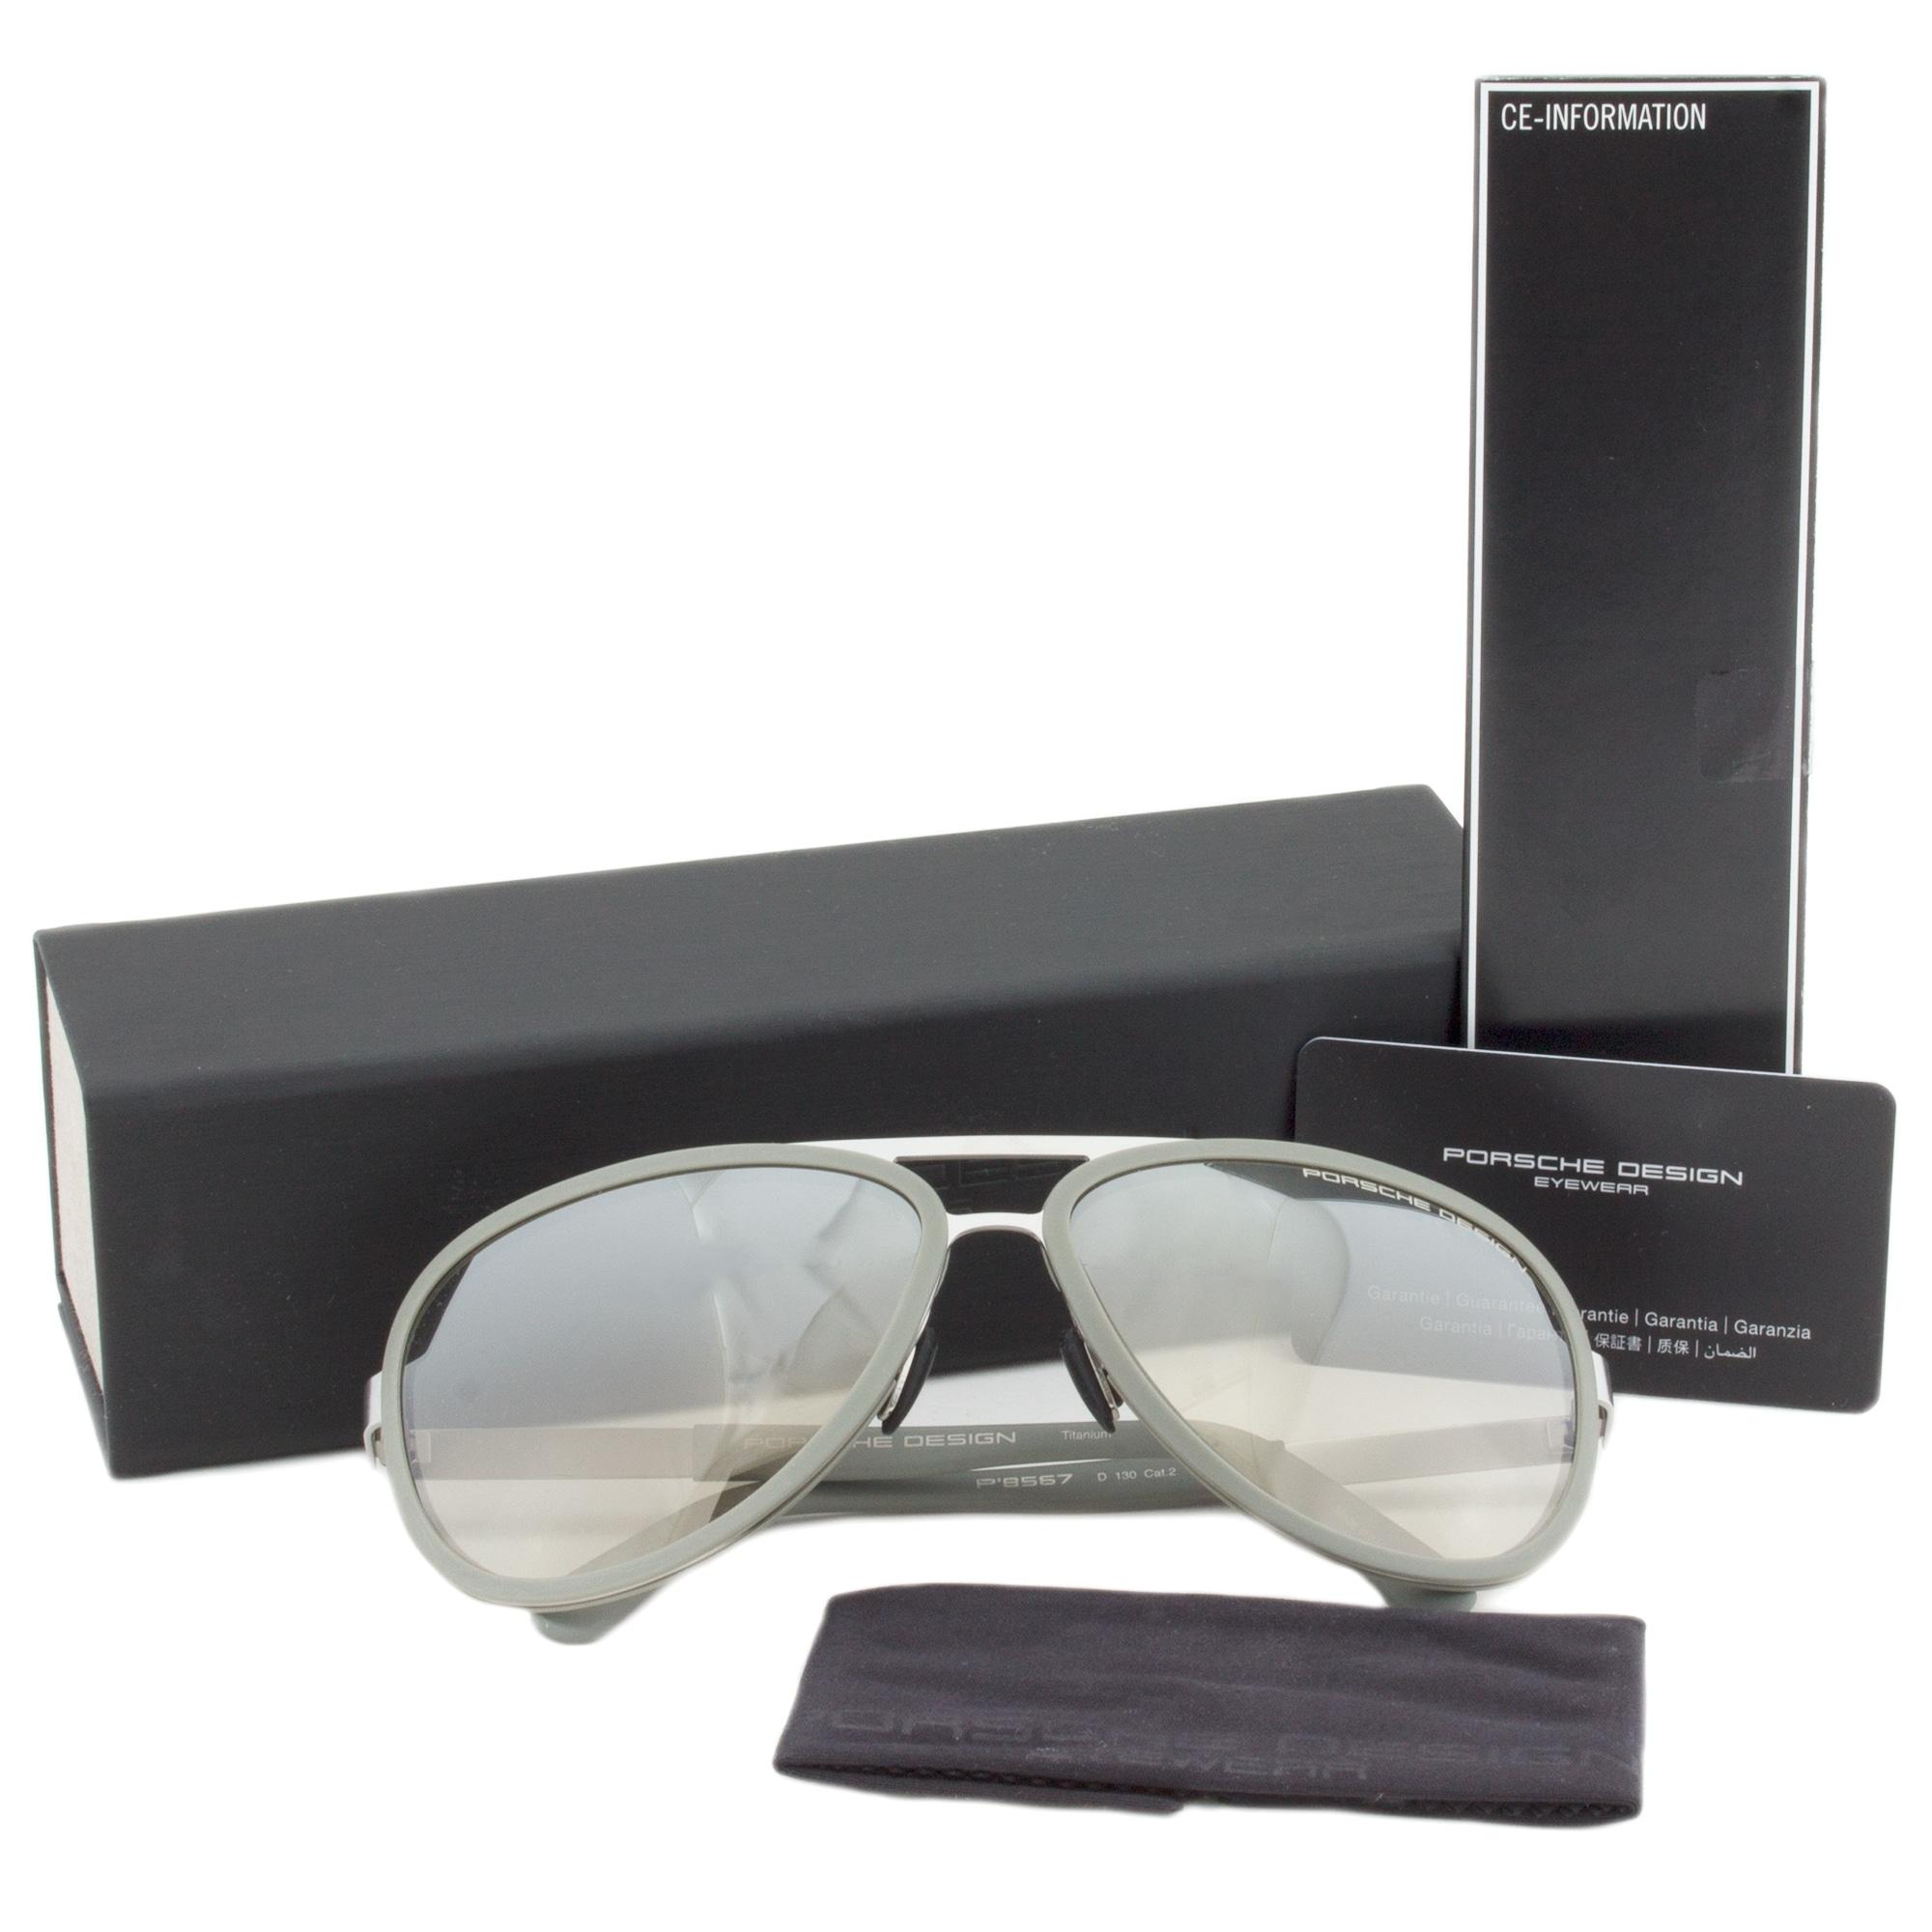 dc0bd3058260 Shop Porsche Design Design P8567 D Titanium Sunglasses - Free Shipping  Today - Overstock.com - 19490036